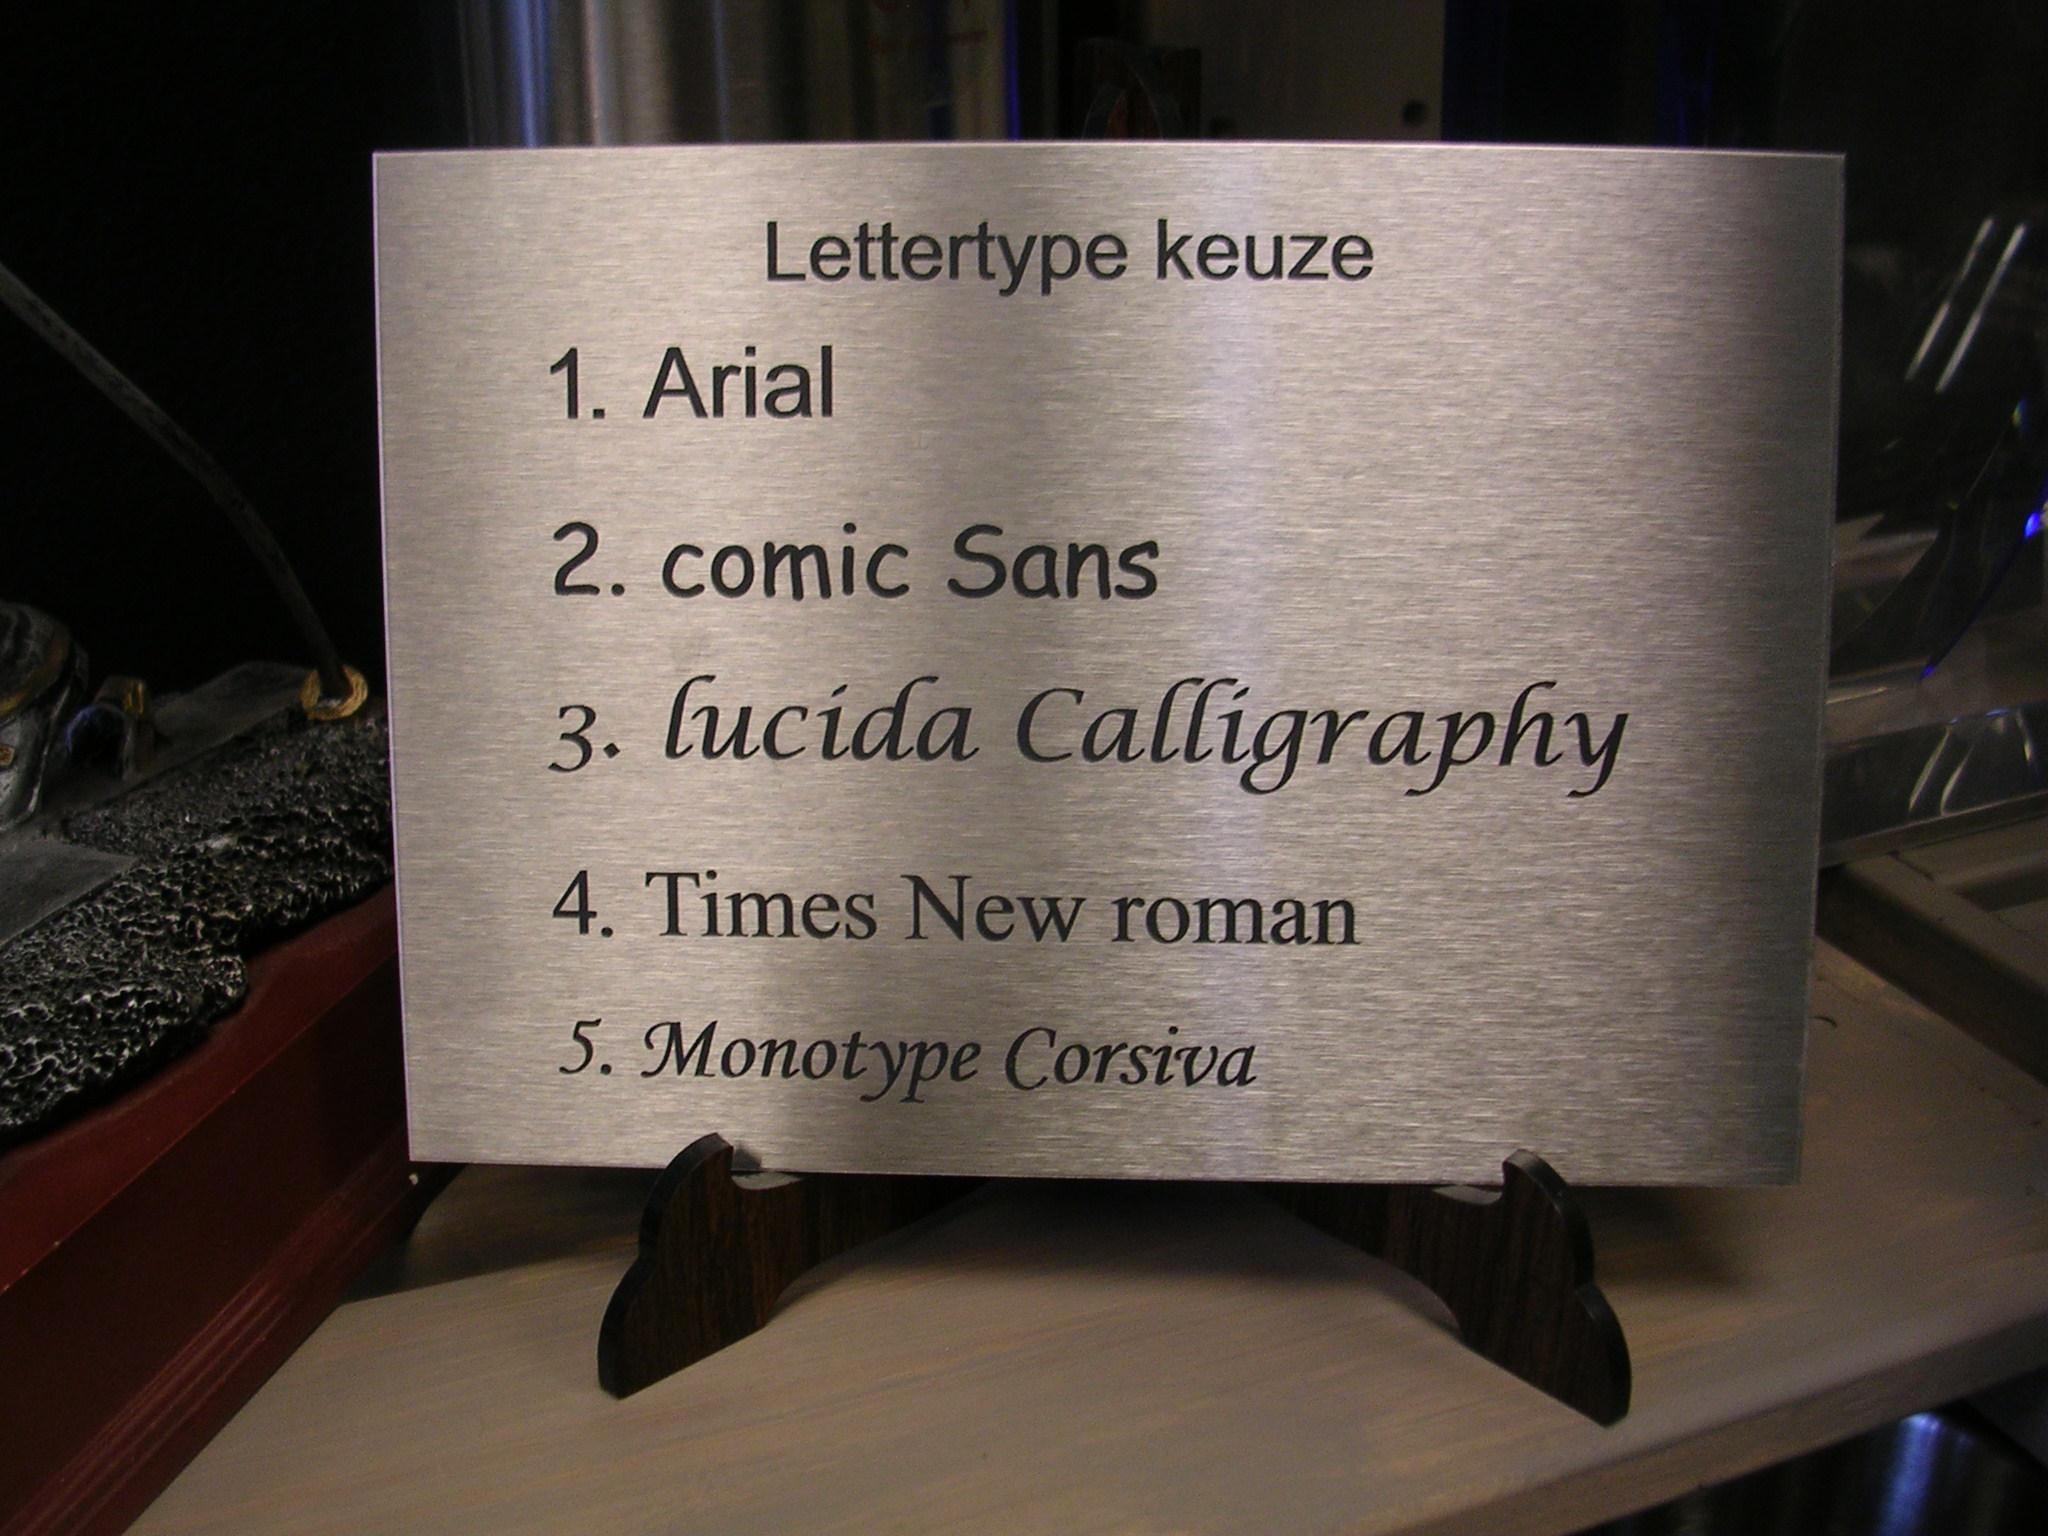 Lettertype keuze